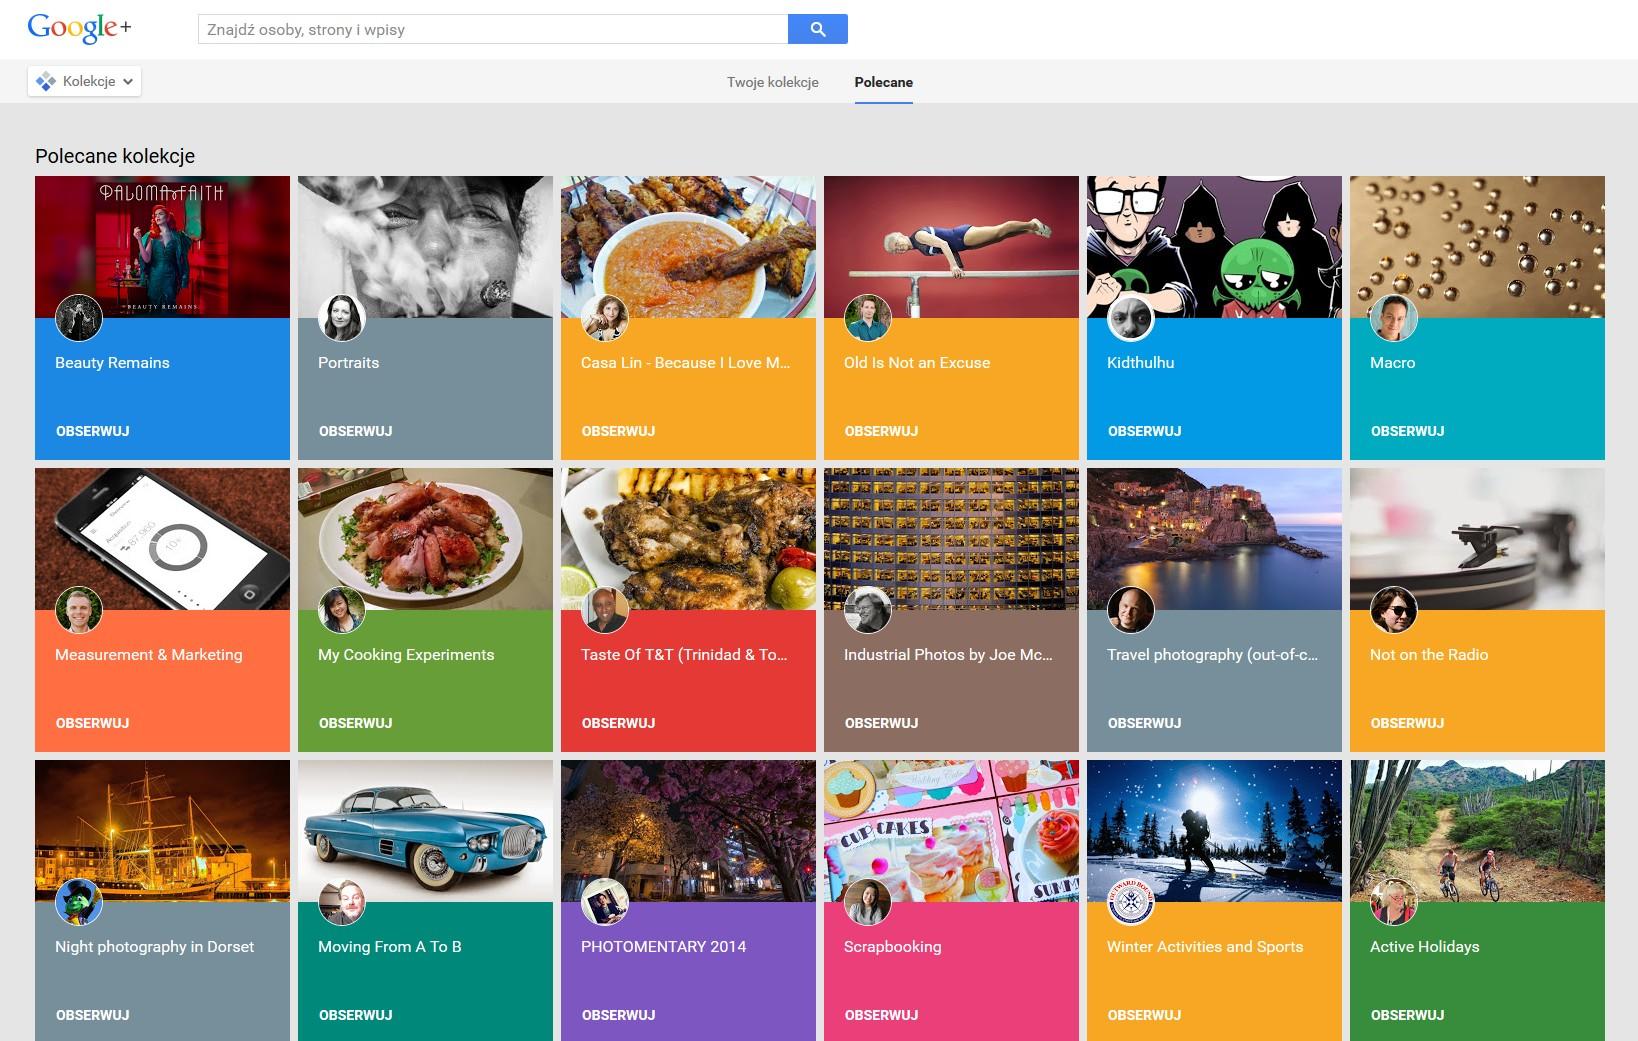 Google chce, żebyś dał Google+ drugą szansę. Oto czym próbuje nas przekonać